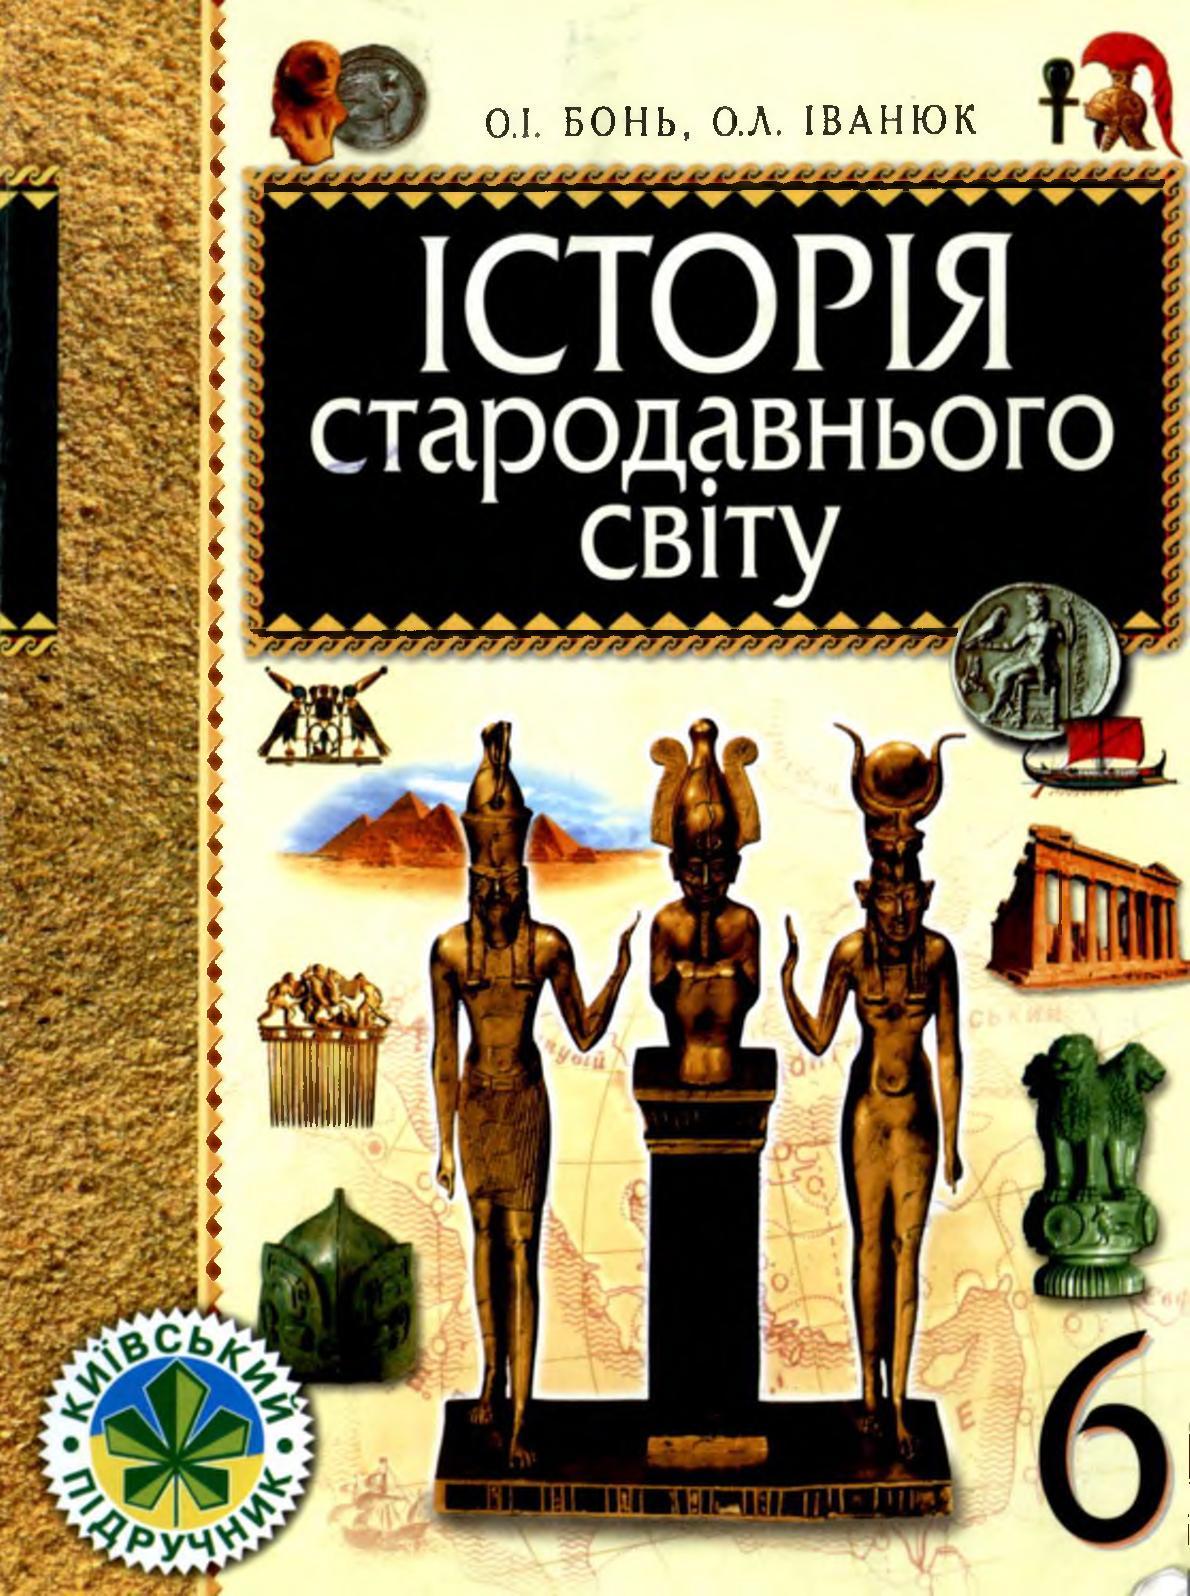 Calaméo - 6 клас. Исторія стародавнього світу. Bon 2005 e7ddf195c1120